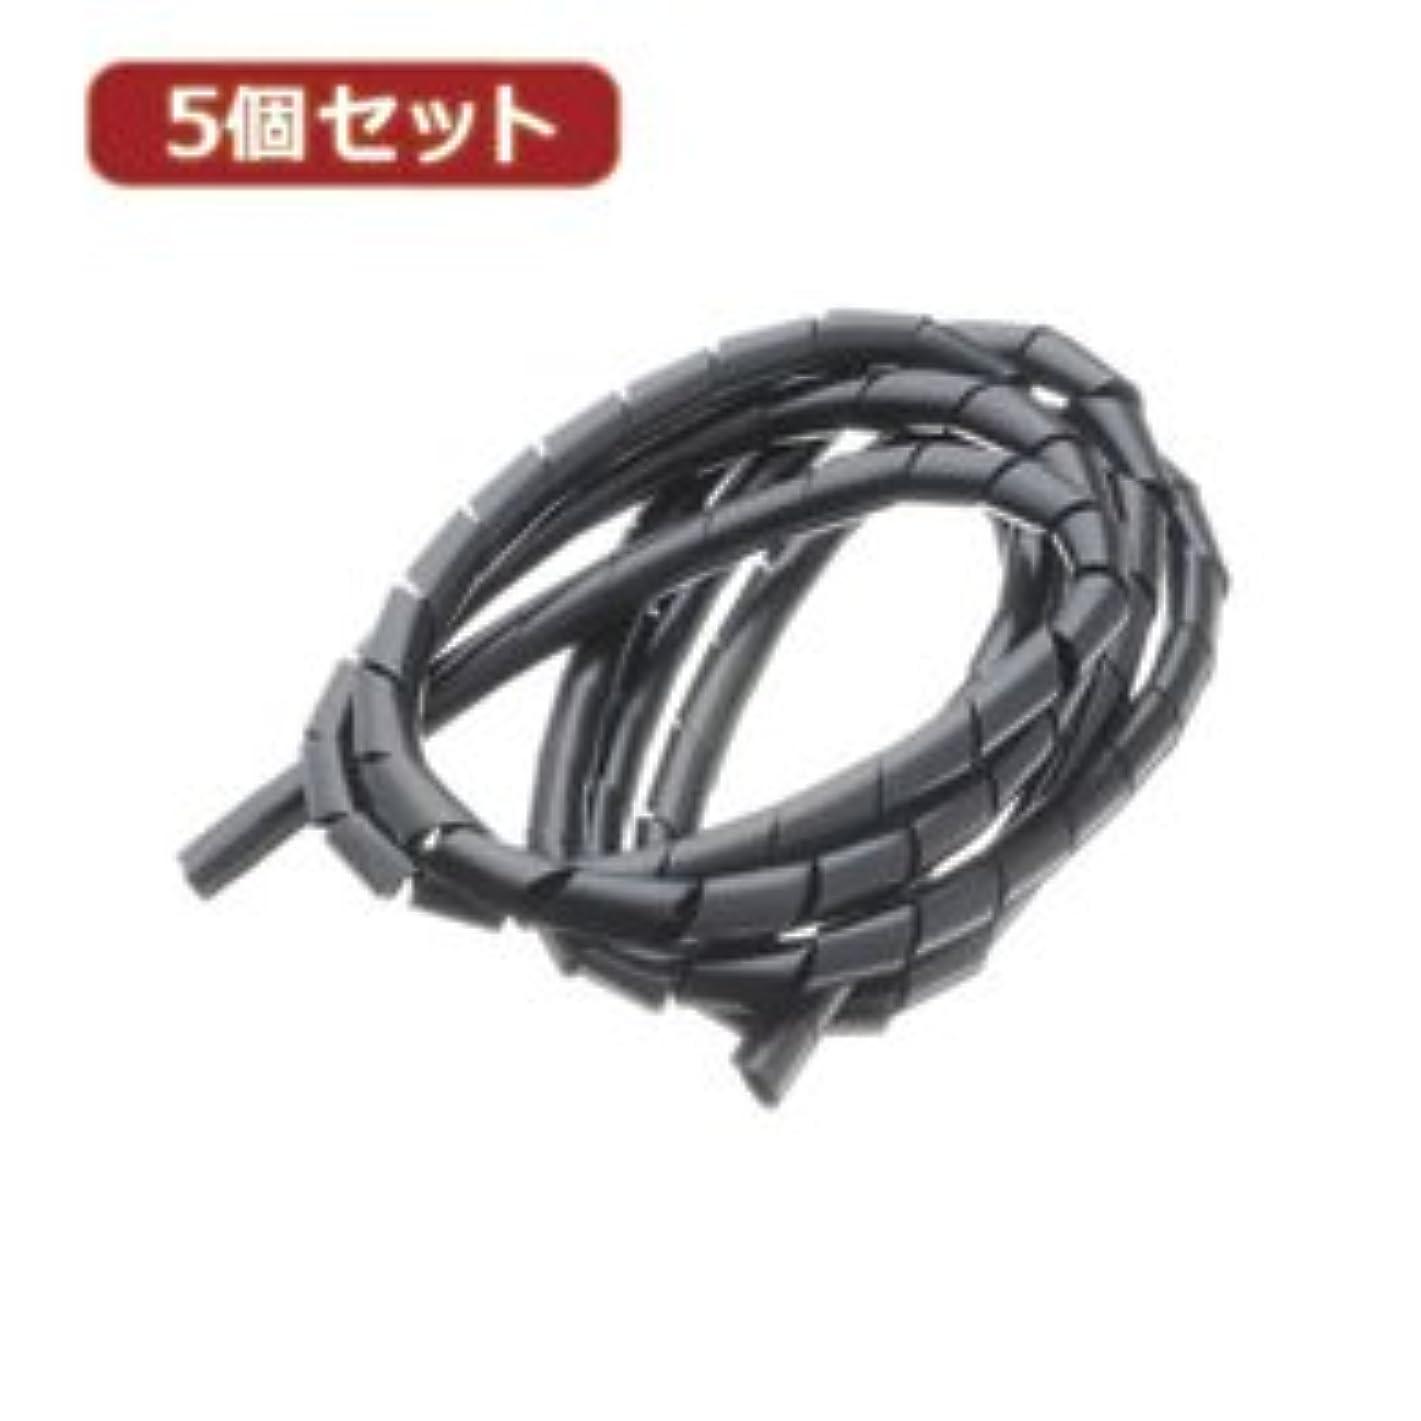 集団的代名詞確かに【まとめ 4セット】 YAZAWA 5個セットまとめるチューブ 内径:12mm 黒 1.5m FCT12KX5